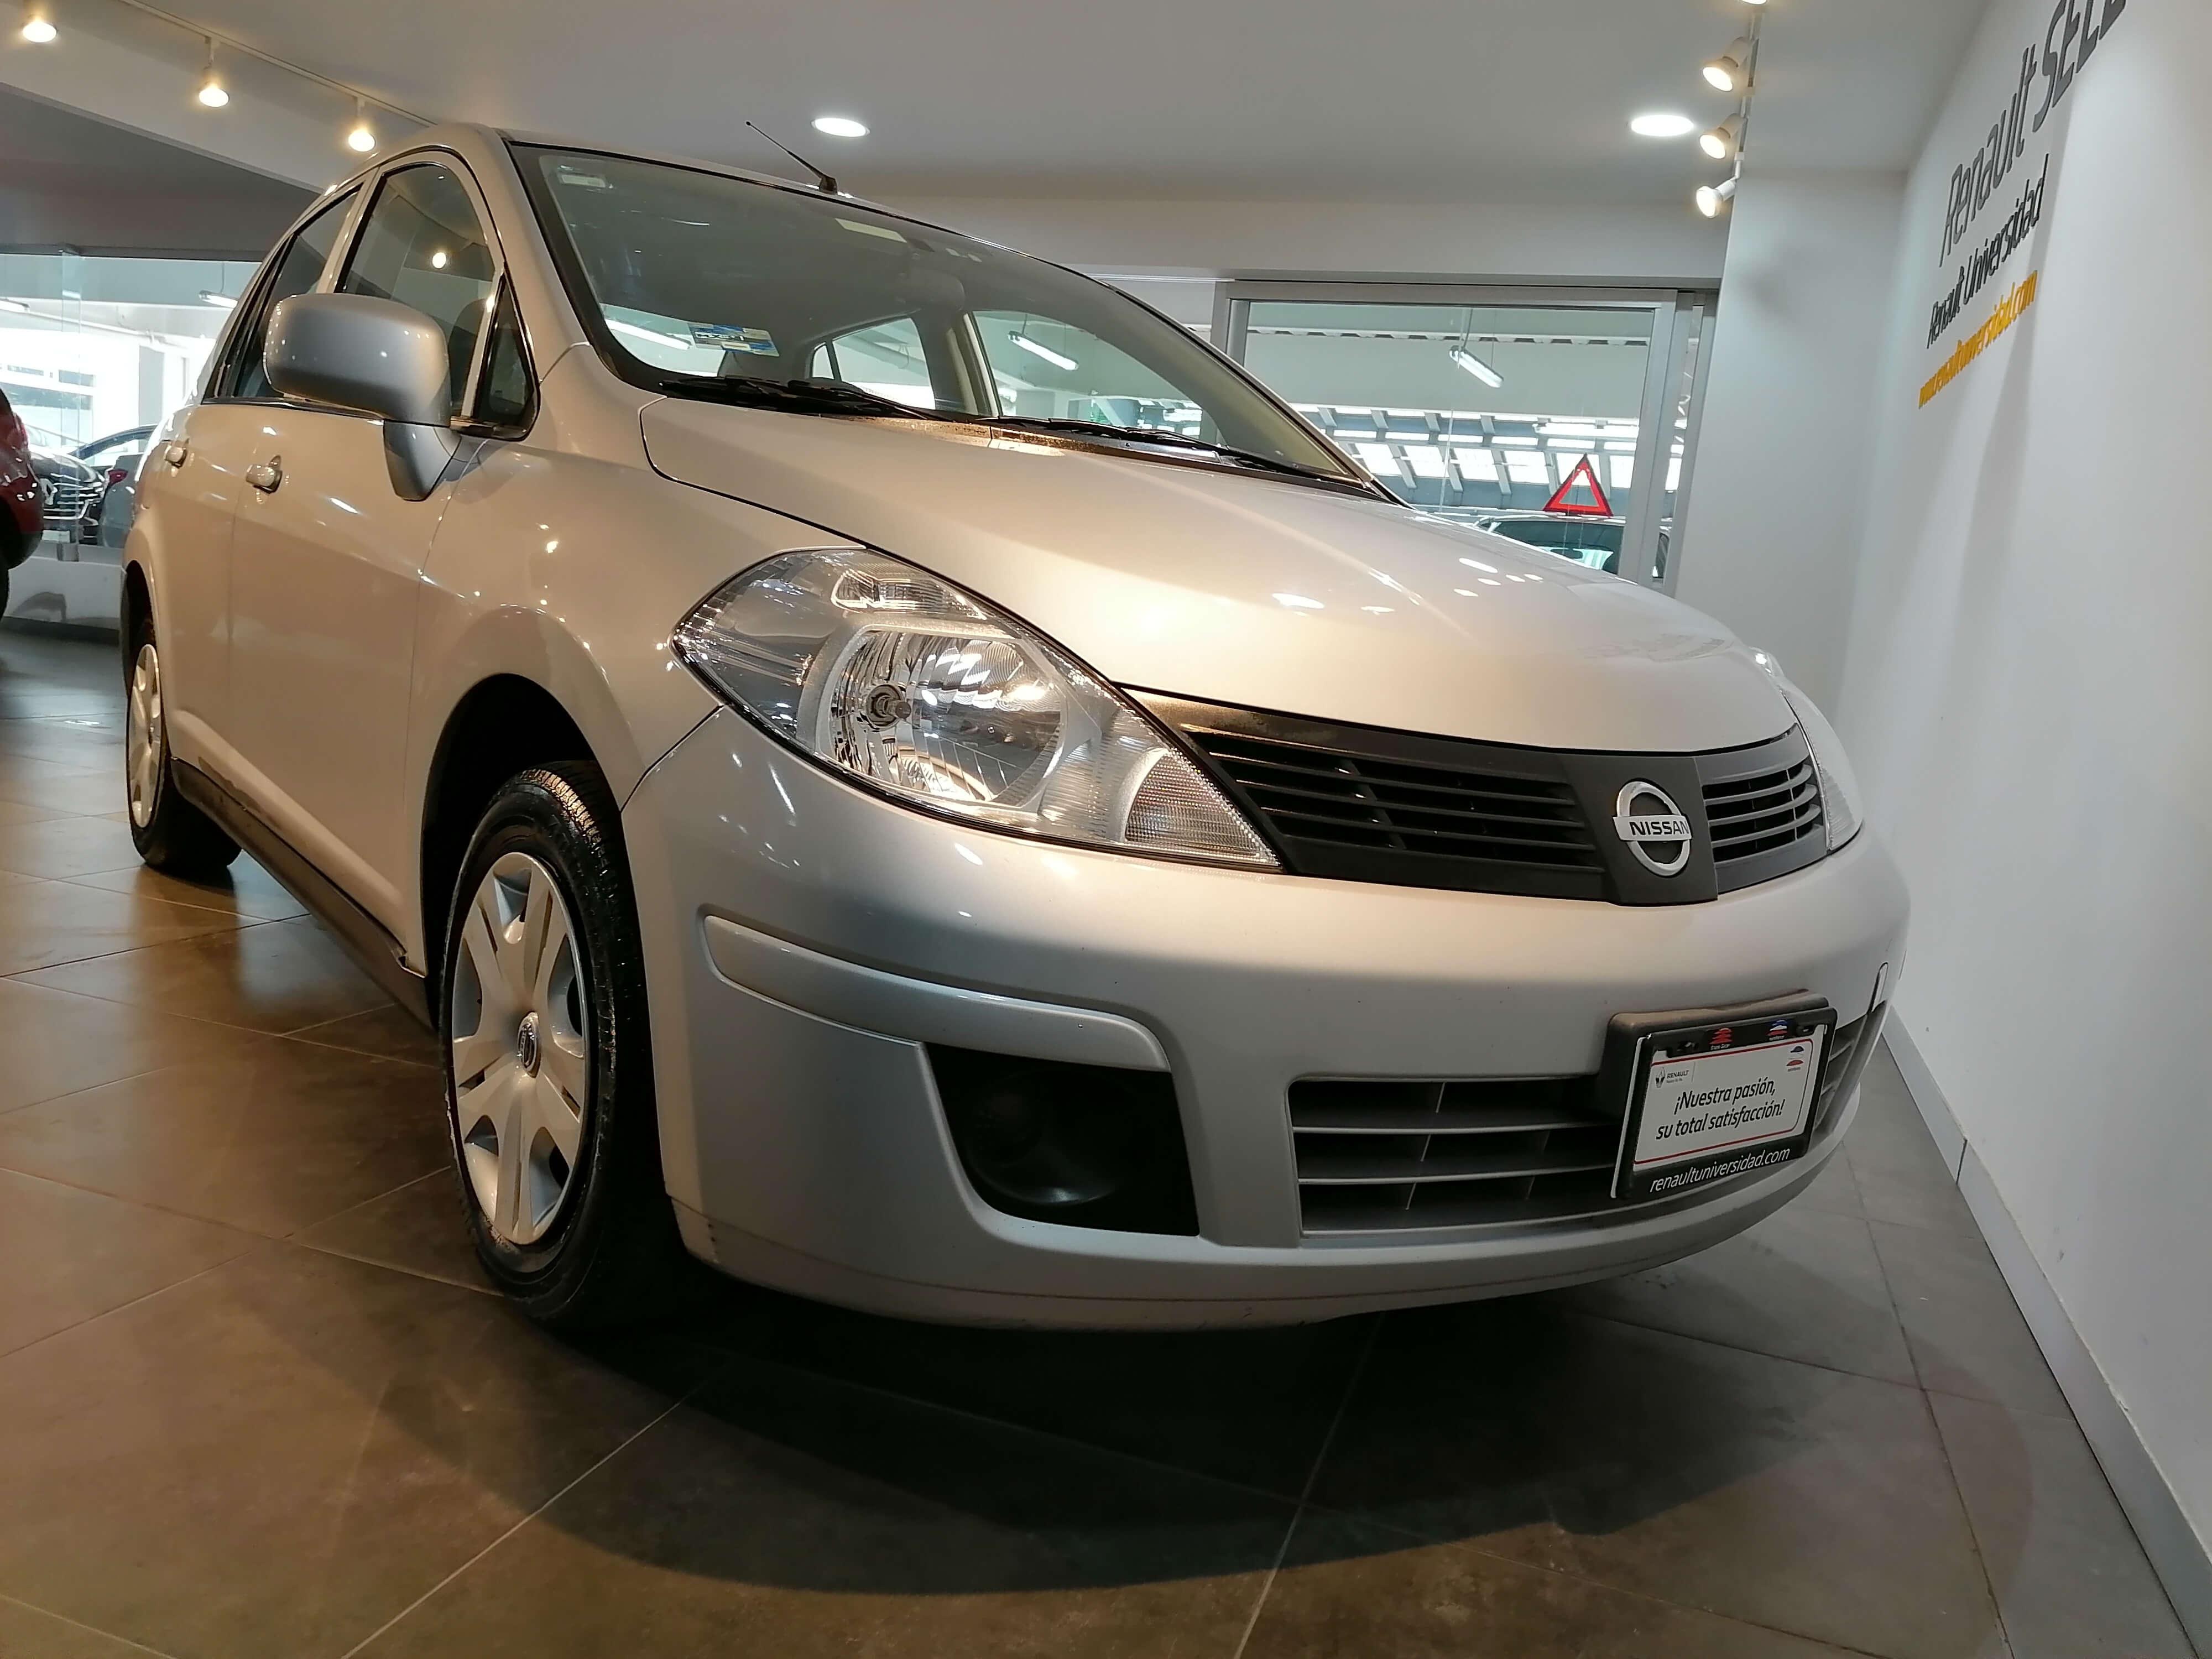 Nissan Tiida Sedan 149,000